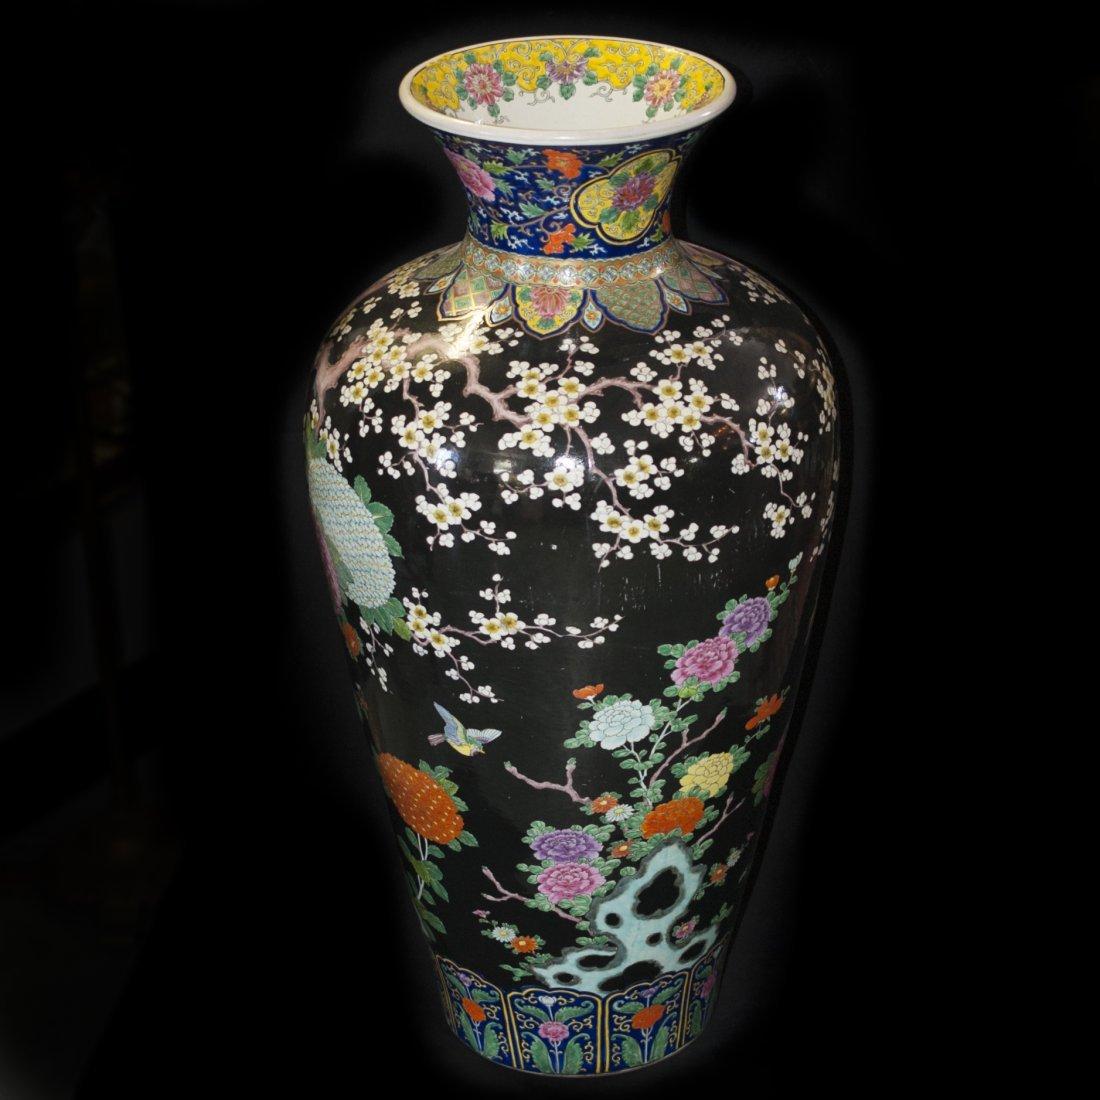 Palace Size Japanese Porcelain Vase